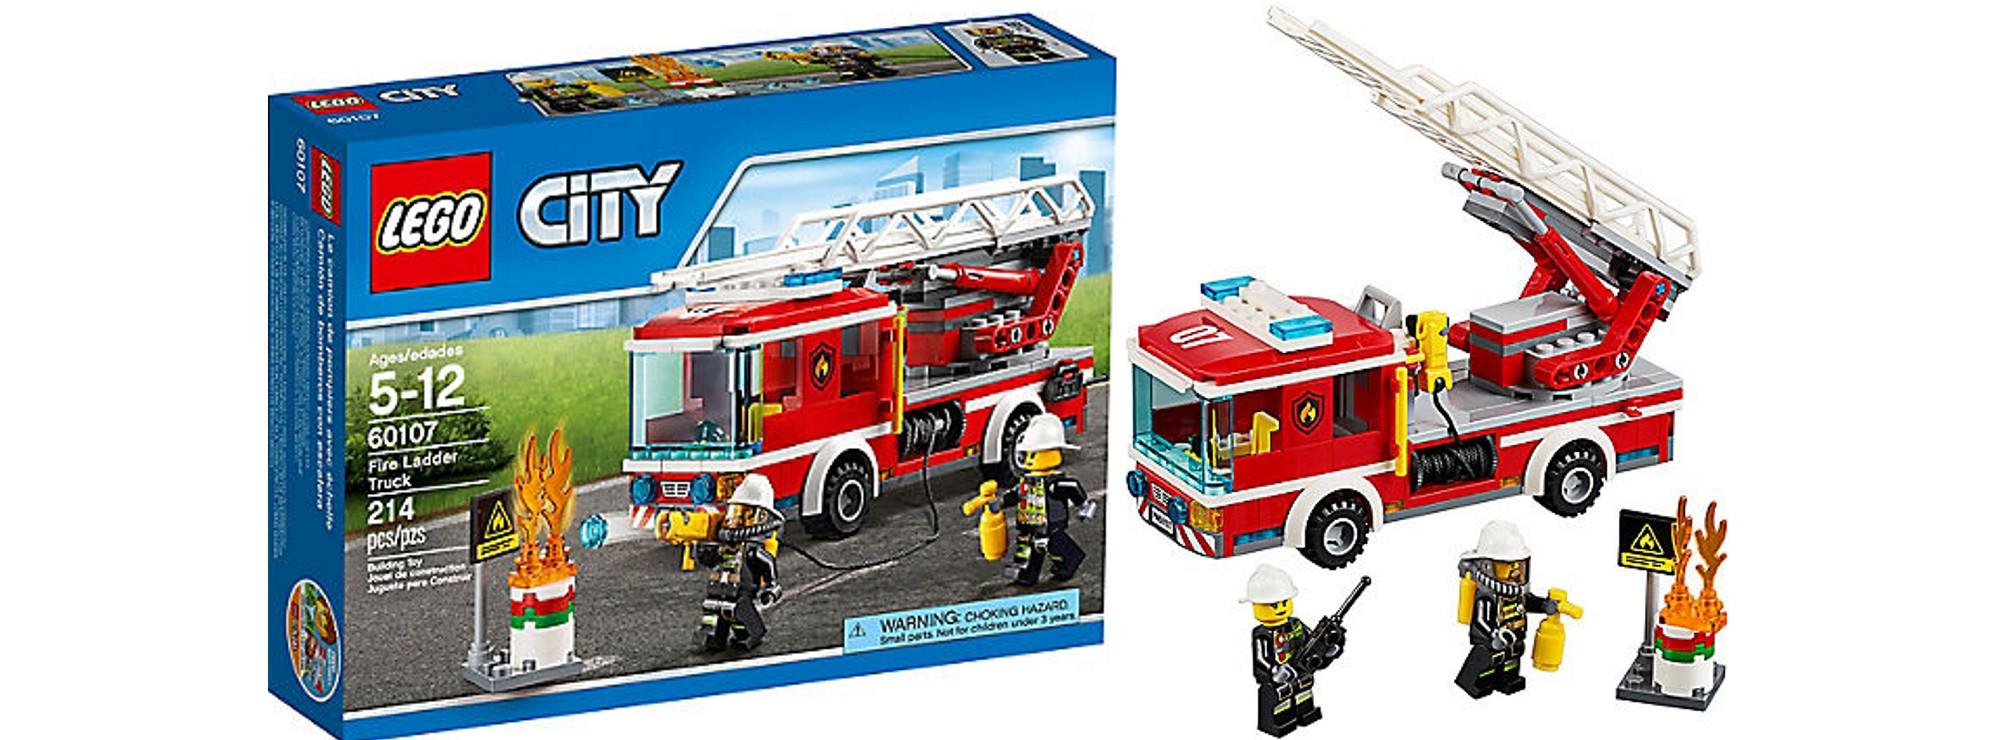 Feuerwehrfahrzeug mit fahrbarer Leiter LEGO® City Set 60107